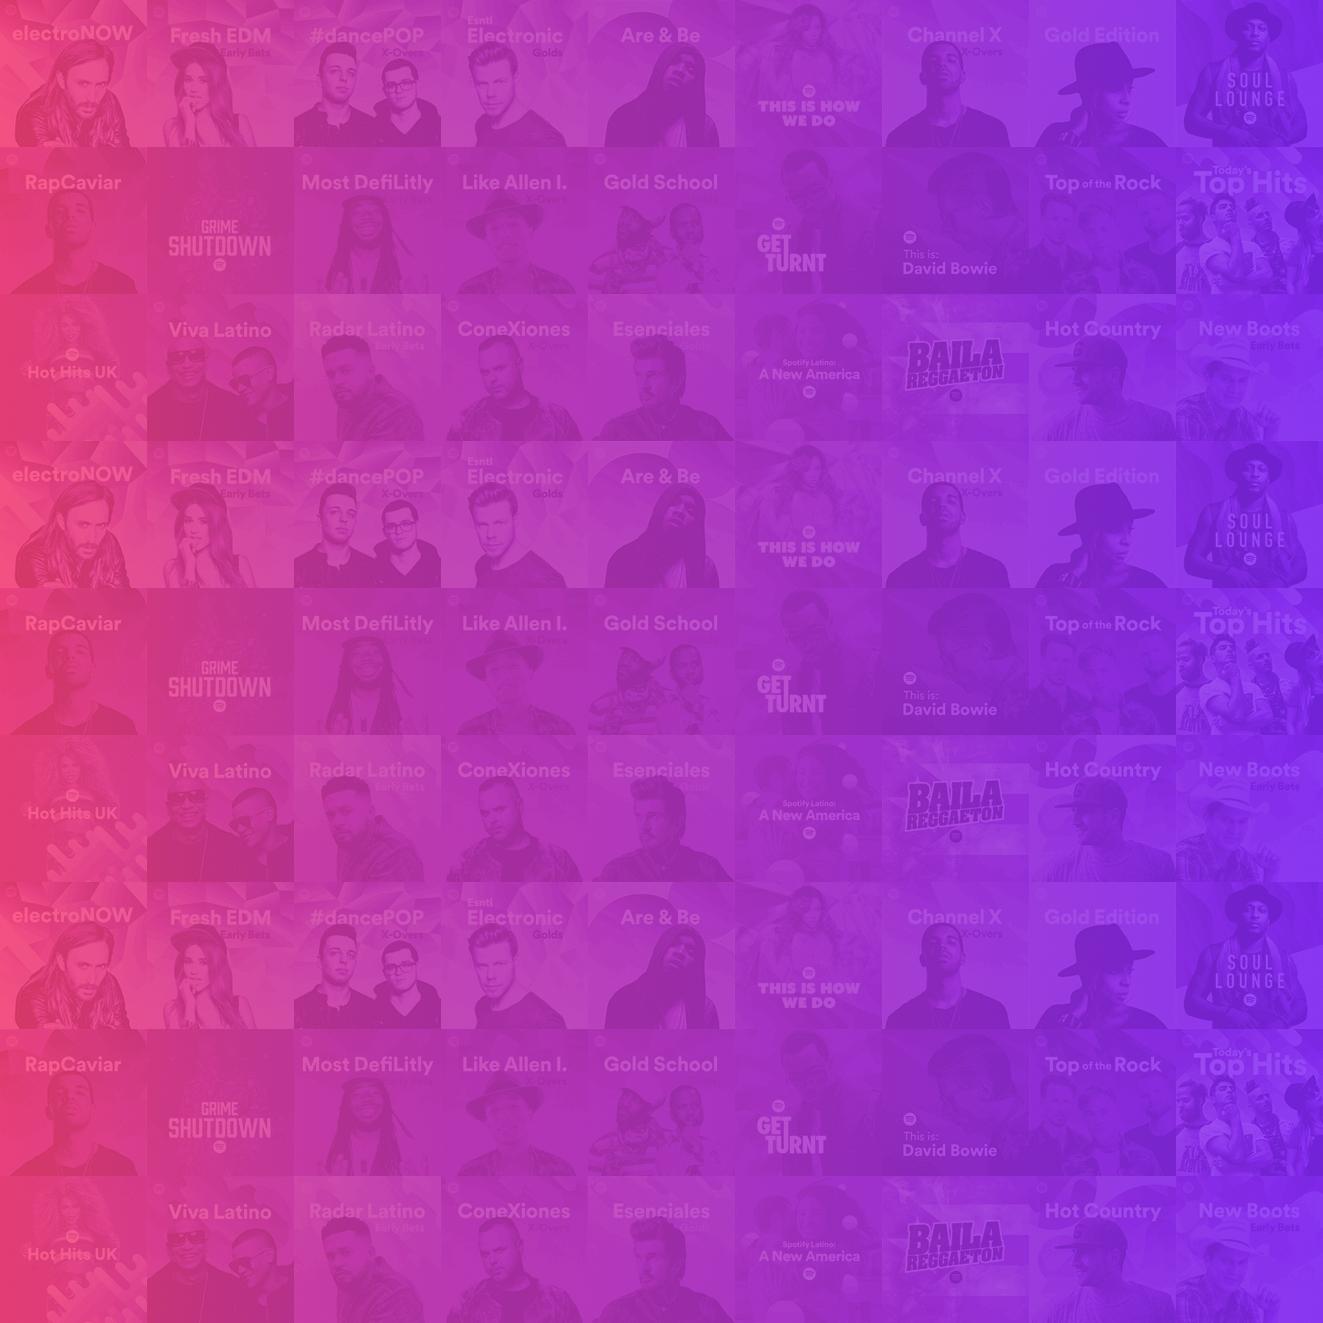 Supprimer les publicités de Spotify sur macOS